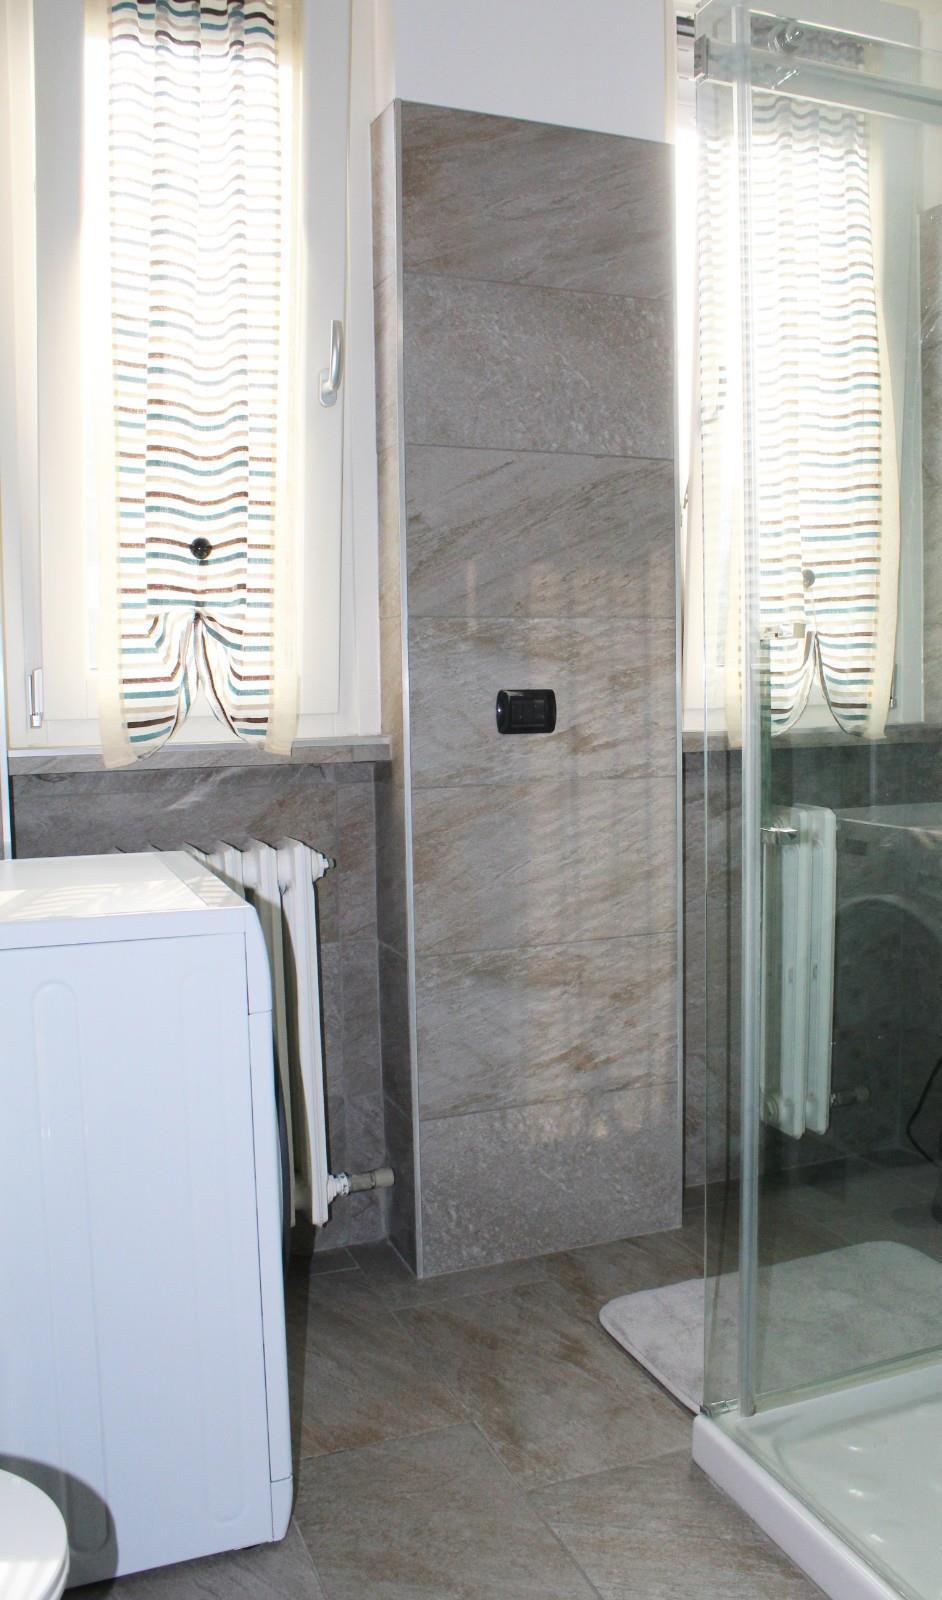 Foto 12 - Appartamento in Vendita - Carate Brianza (Monza e Brianza)